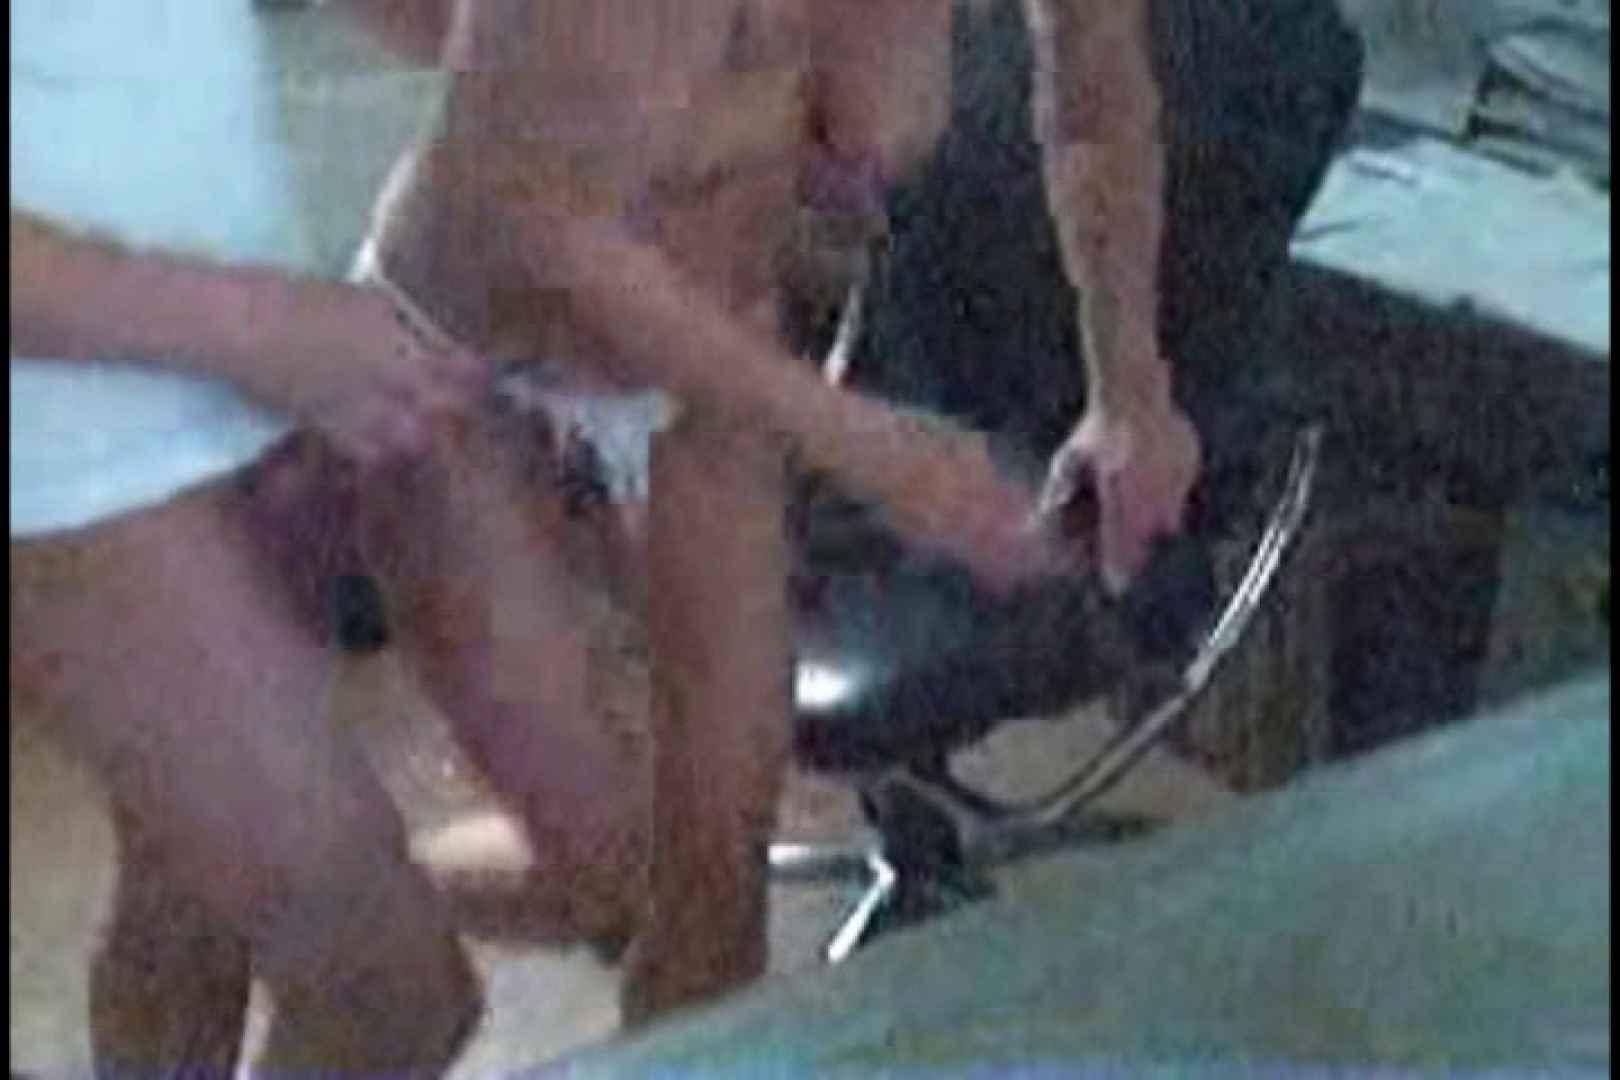 続・某掲示板に投稿された素人女性たちvol.8 淫乱 戯れ無修正画像 78pic 52